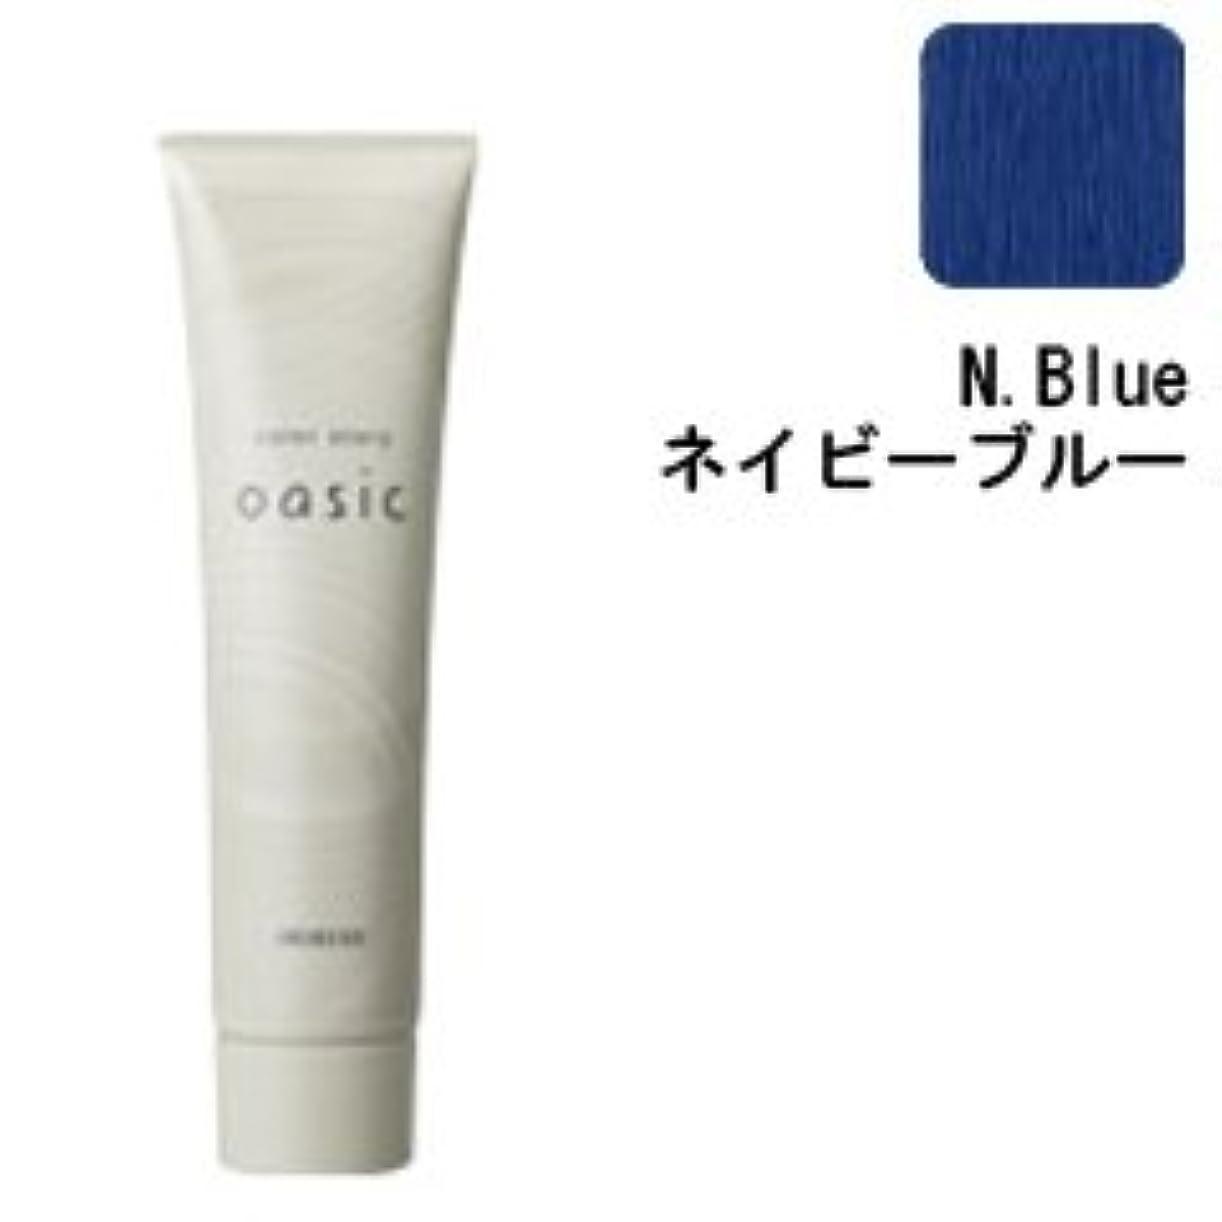 ペストリー放棄された鎮静剤【アリミノ】カラーストーリー オアシック N.Blue (ネイビーブルー) 150g